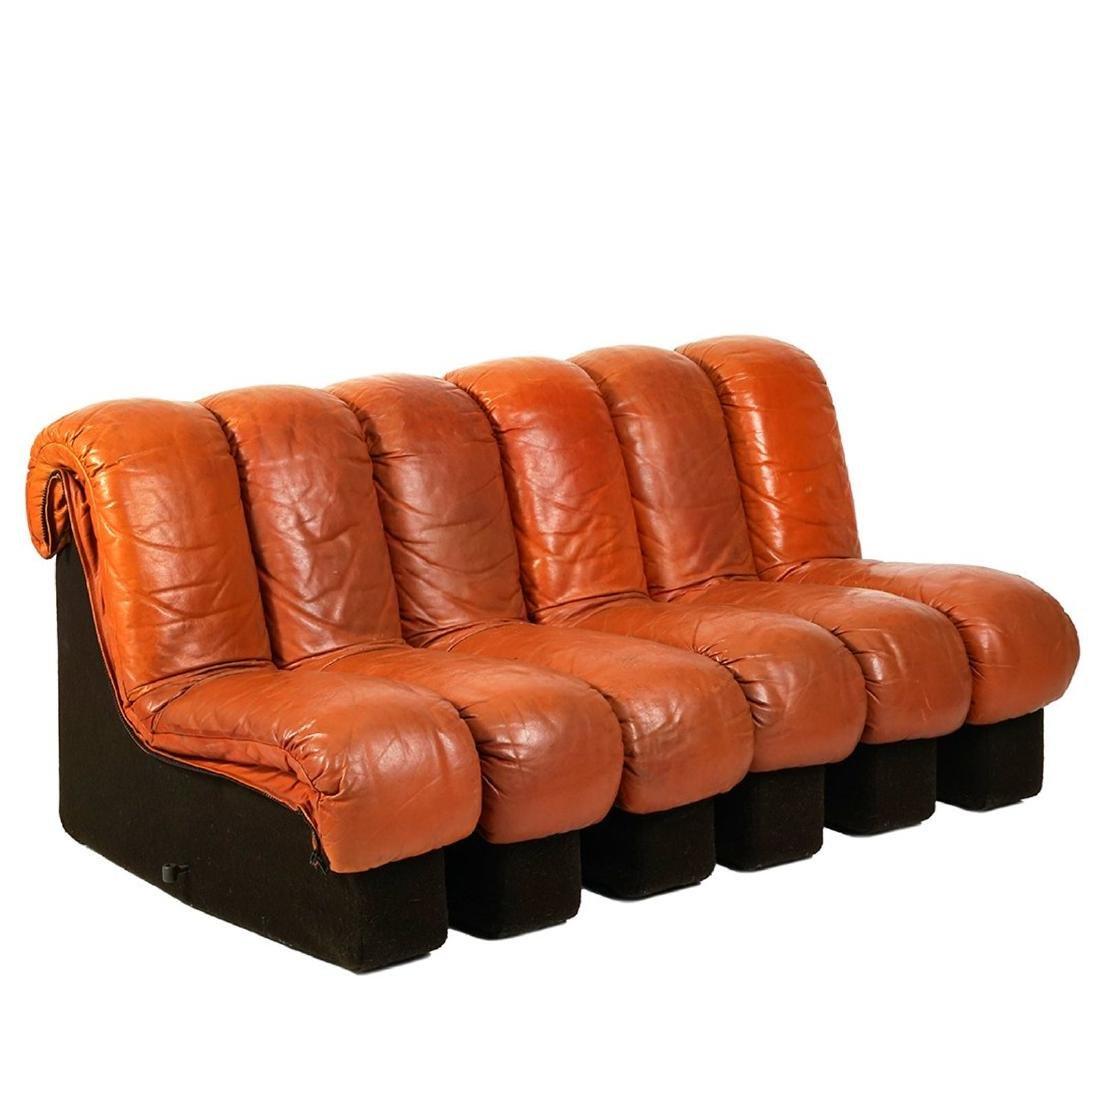 De Sede Non-stop Fragment Sofa